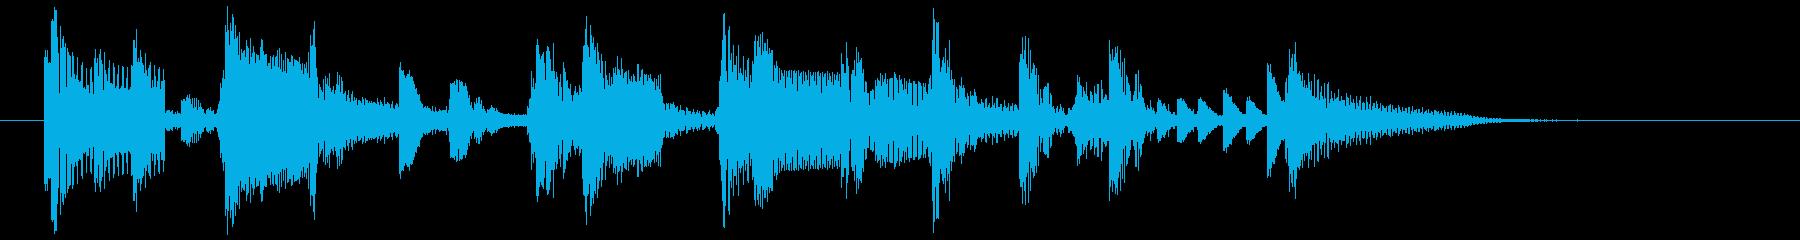 【生演奏】大人のSax効果音20の再生済みの波形